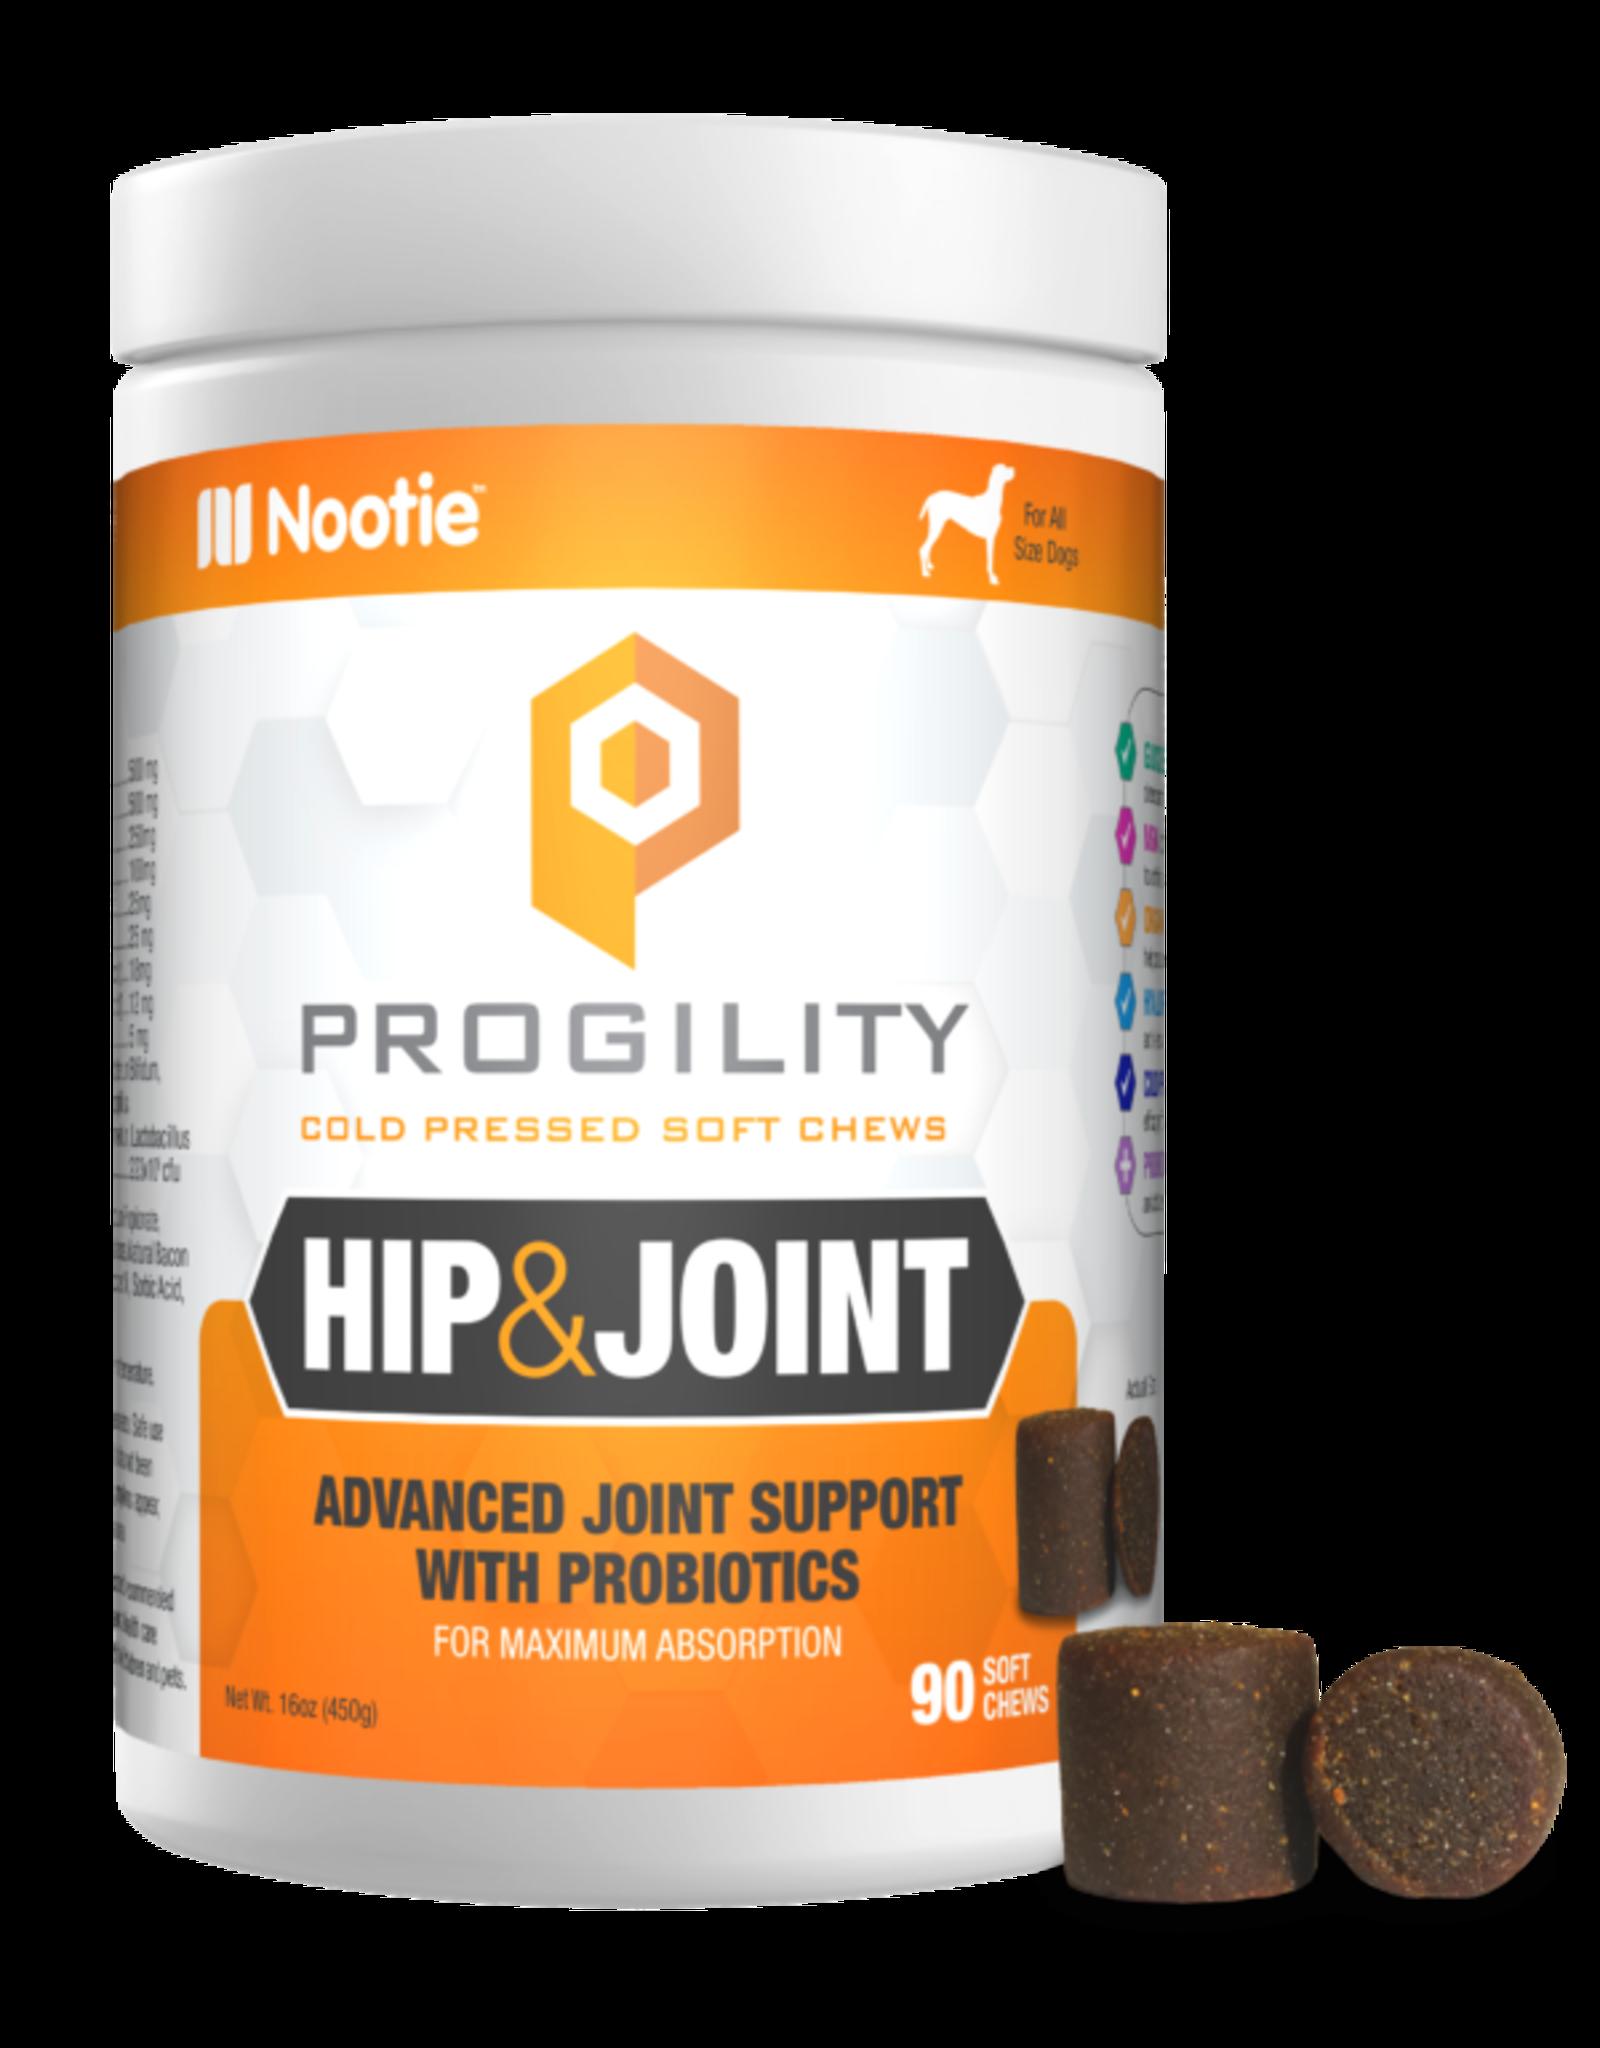 Nootie Nootie Progility Hip & Joint w/Probiotics Soft Chews 90ct